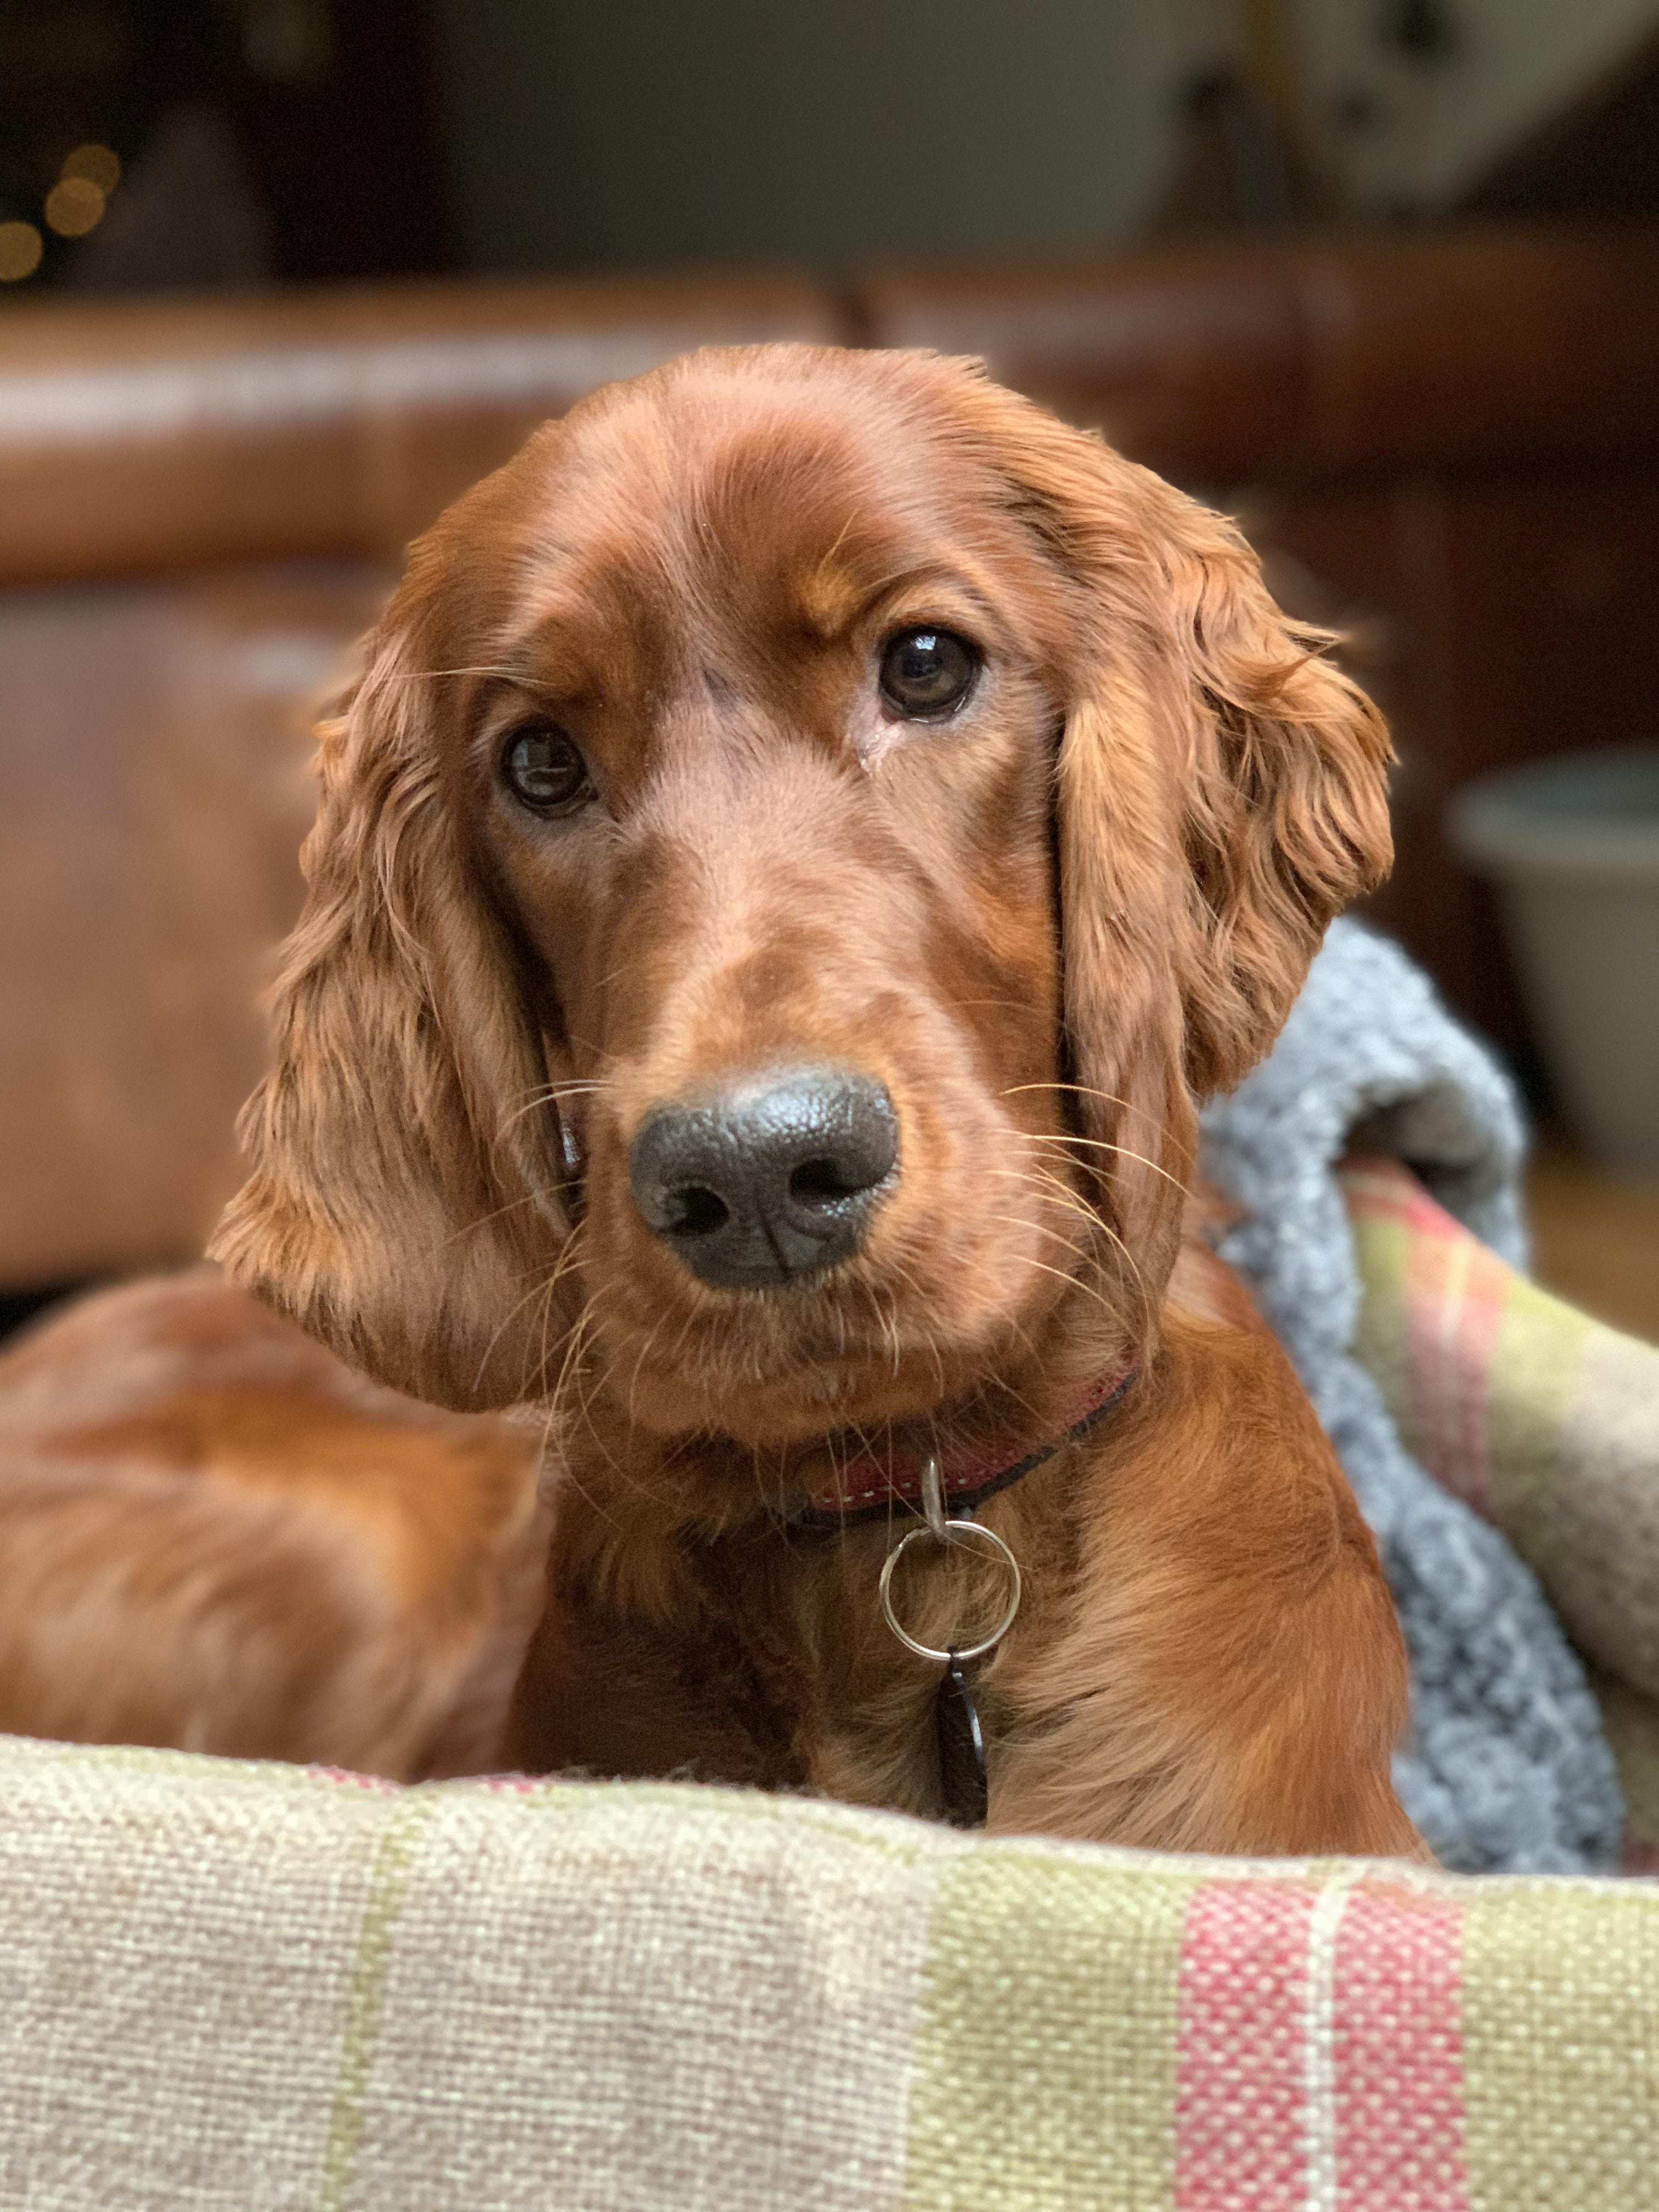 愛犬の白内障、緑内障予防に6つの有効成分配合のアイケアサプリ「毎日愛眼」